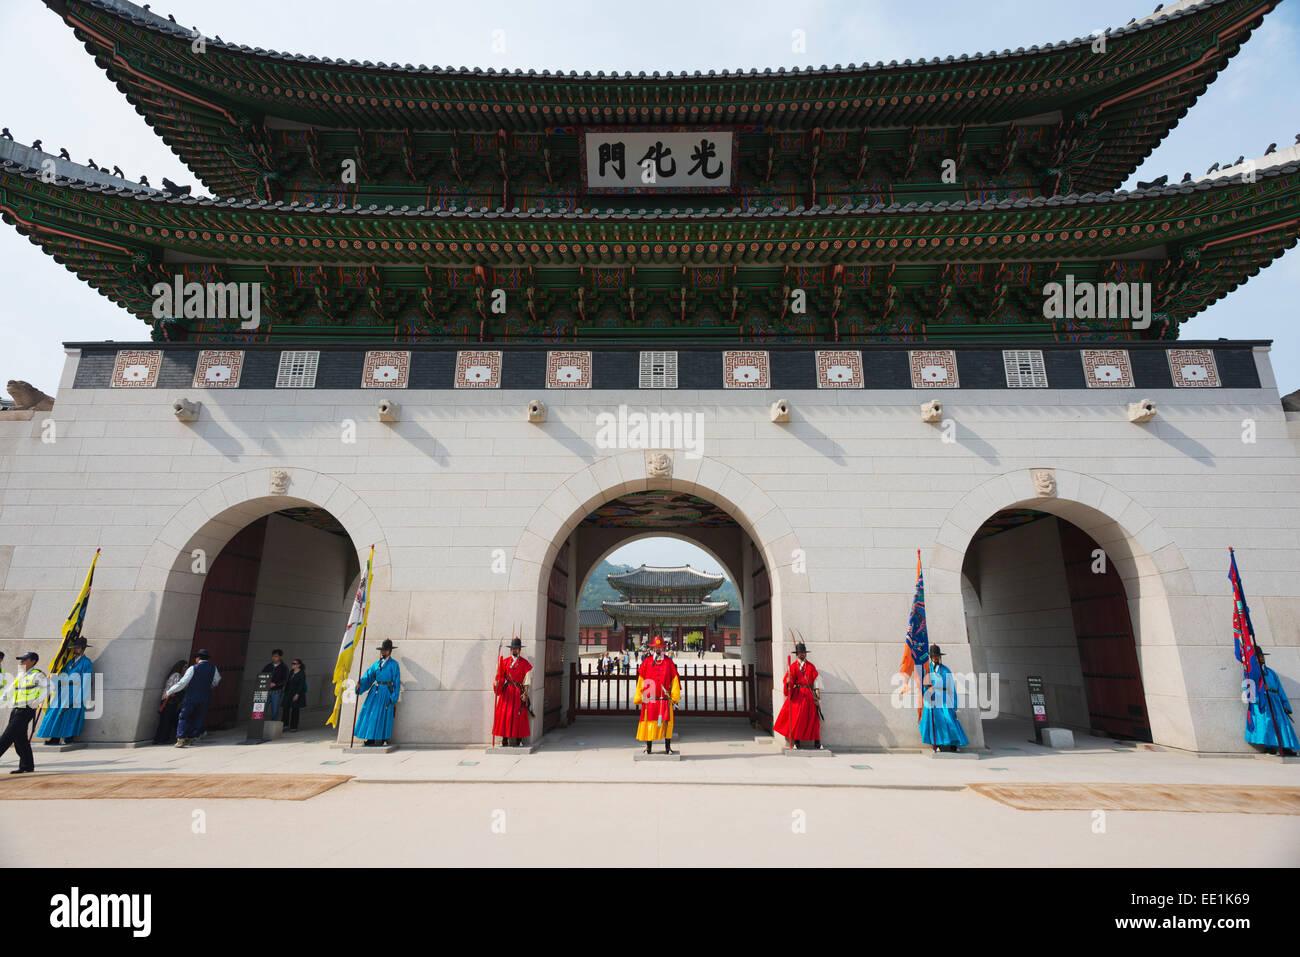 Ceremonia de cambio de guardia, el Palacio Gyeongbokgung, Seúl, Corea del Sur, Asia Imagen De Stock